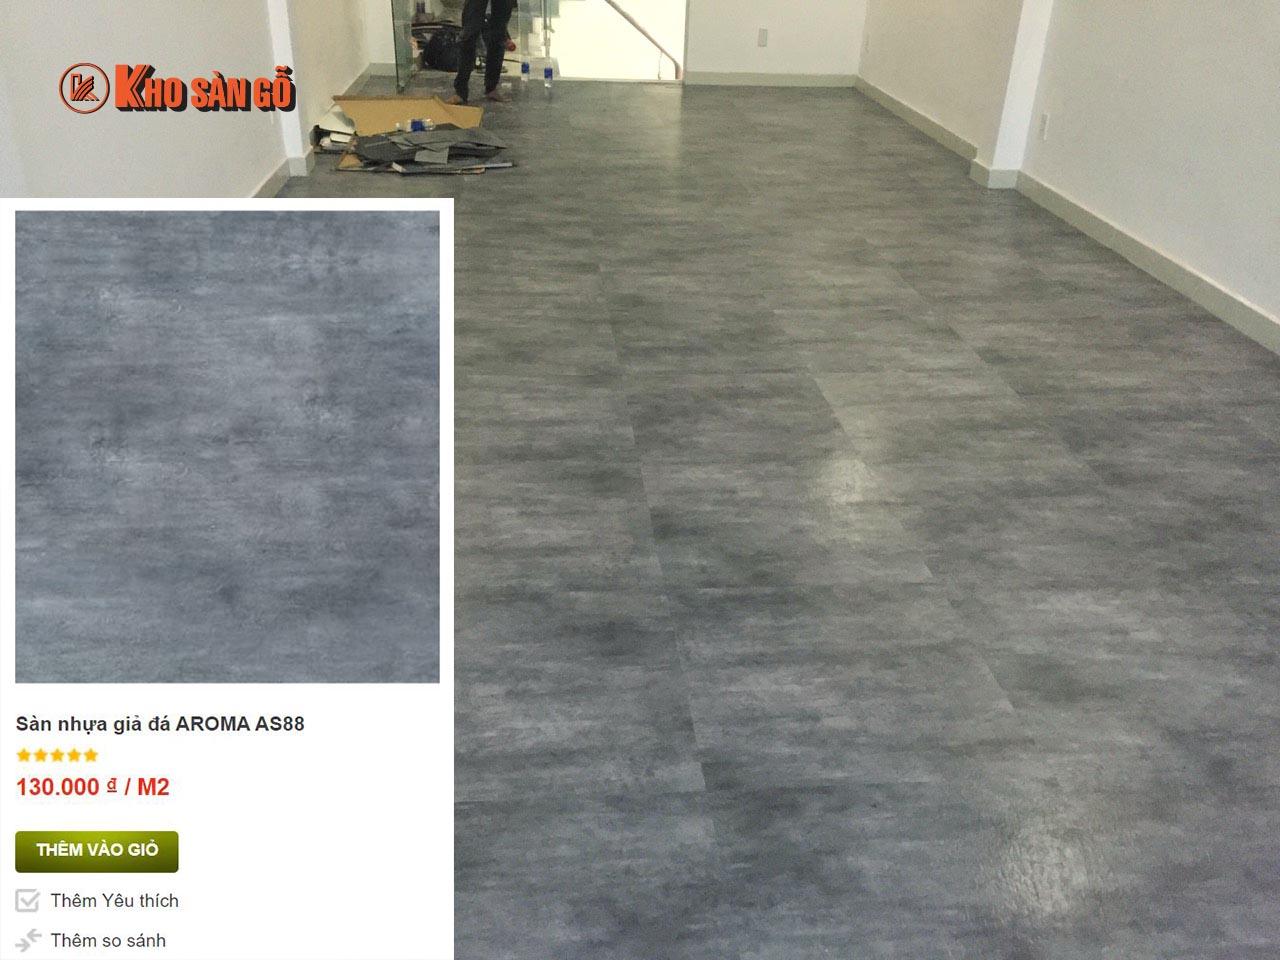 AROMA AS88 sàn nhựa giả đá như thật - www.TAICHINH2A.COM